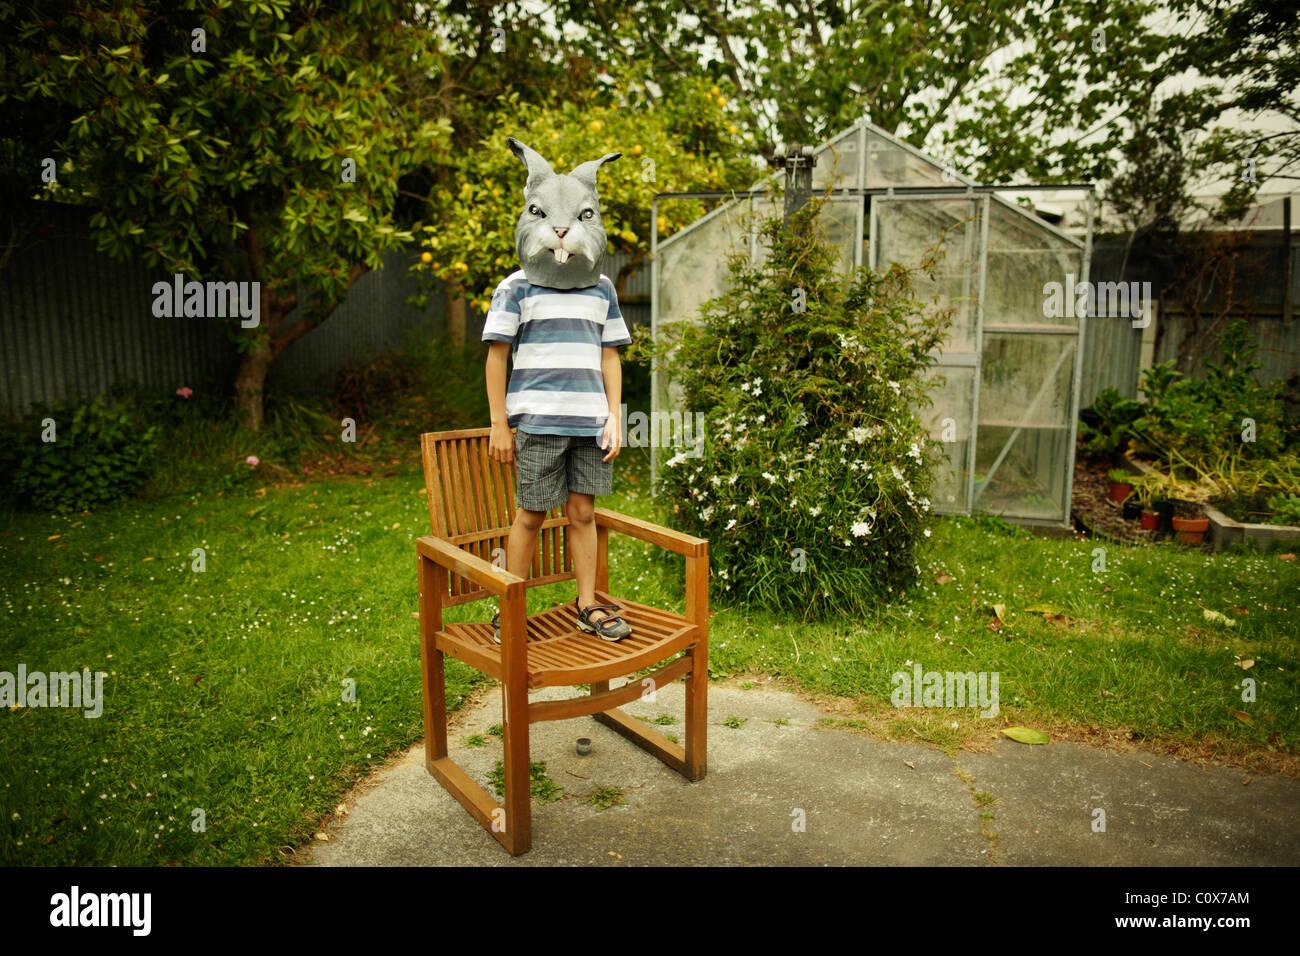 Niño con máscara de conejo está en silla de jardín Imagen De Stock